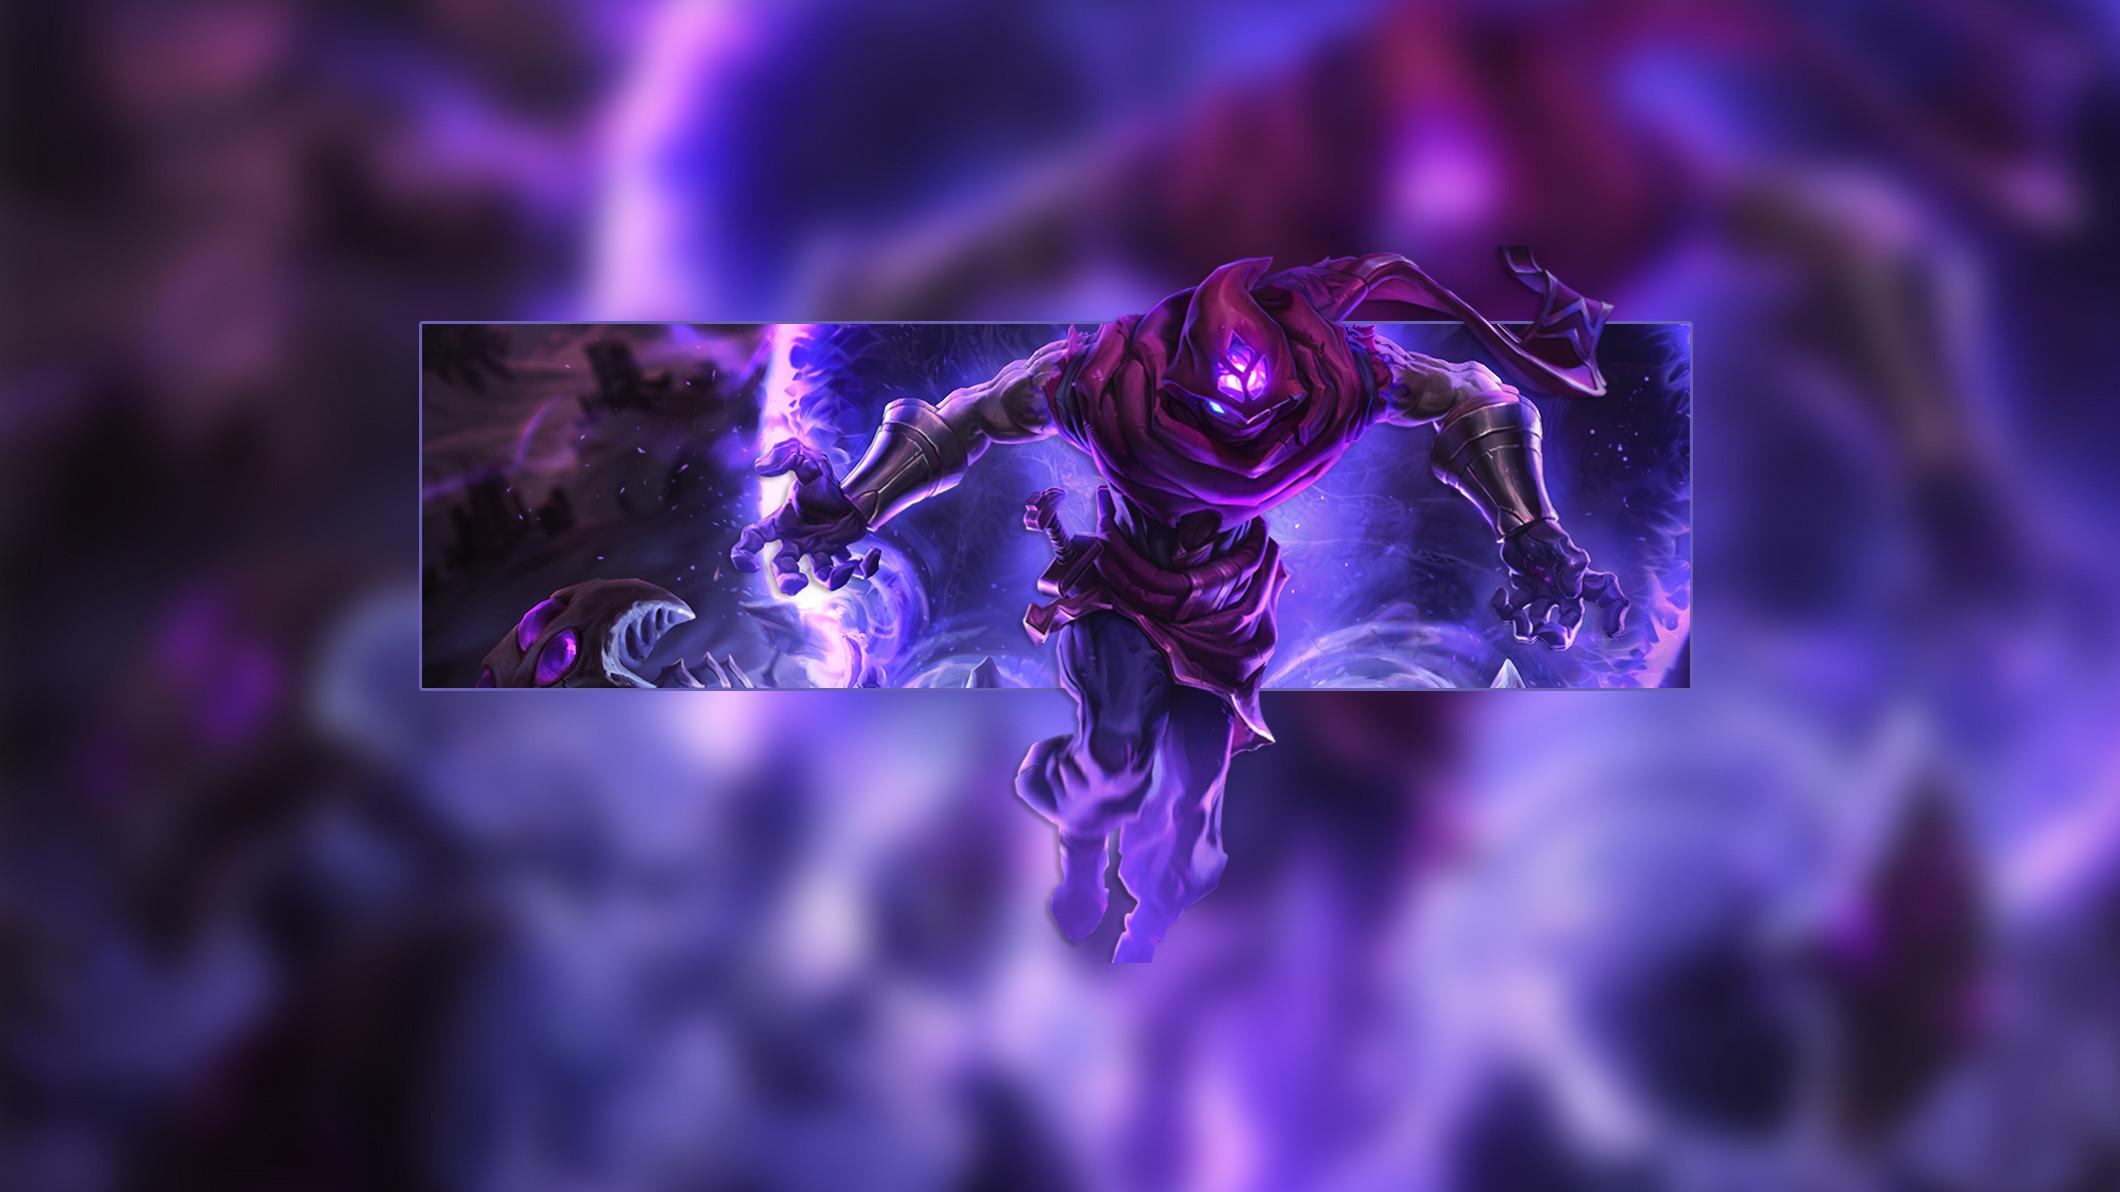 Malzahar by Insane HD Wallpaper Fan Art Artwork League of Legends lol